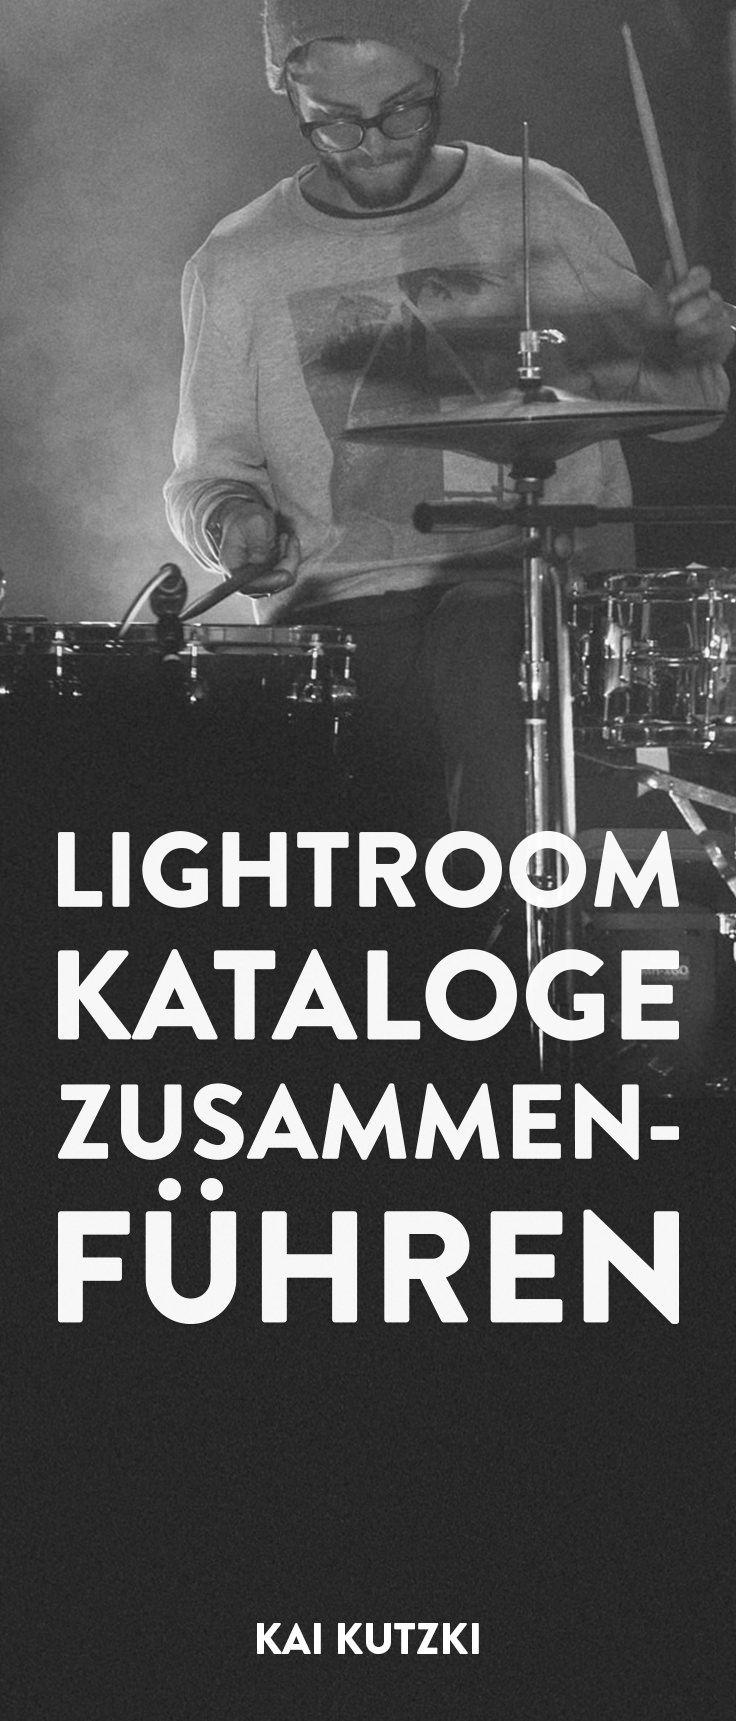 In diesem Tutorial zeige ich dir, wie man Lightroom Kataloge zusammenführen kann. So kannst du Bilder mit ihren Bearbeitungen importieren